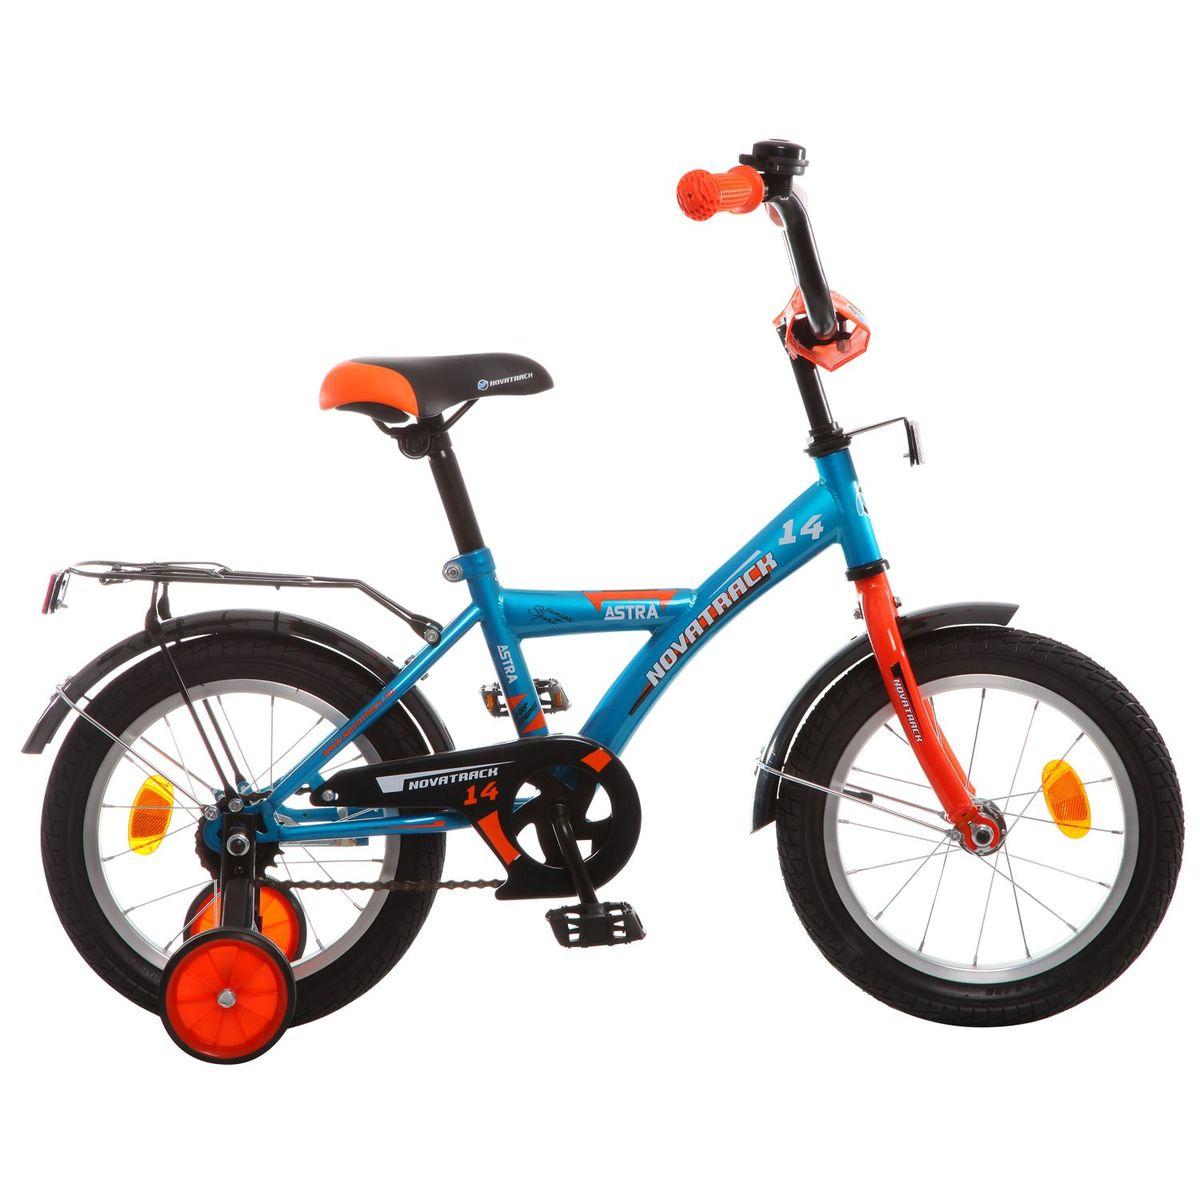 Велосипед детский Novatrack Astra, цвет: синий, оранжевый, 14143ASTRA.BL5Хотите, чтобы ваш ребенок играя укреплял здоровье? Тогда ему нужен удобный и надежный велосипед Novatrack Astra 14, рассчитанный на малышей 3-5 лет. Одного взгляда малыша хватит, чтобы раз и навсегда влюбиться в свой новенький двухколесный транспорт, который в принципе, сначала можно назвать и четырехколесным. Дополнительную устойчивость железному коню обеспечивают два маленьких съемных колеса в цвет велосипеда. Astra собрана на базе рамы с универсальной геометрией, которая позволяет легко взобраться или слезть с велосипеда, при этом он имеет такой вес, что маленький ребенок сам легко справляется со своим транспортным средством. Так как велосипед предназначен для самых маленьких, предусмотрен ограничитель поворота руля, который не позволит сильно завернуть руль и упасть. Еще один элемент безопасности – это защита цепи, которая оберегает одежду и ноги малыша от попадания в механизм. Стильные крылья защитят от грязи и брызг, а на багажнике ребенок сможет перевозить массу полезных в дороге вещей. Данная модель маневренна и легко управляется, поэтому ребенку будет несложно и интересно учиться езде.Какой велосипед выбрать? Статья OZON Гид